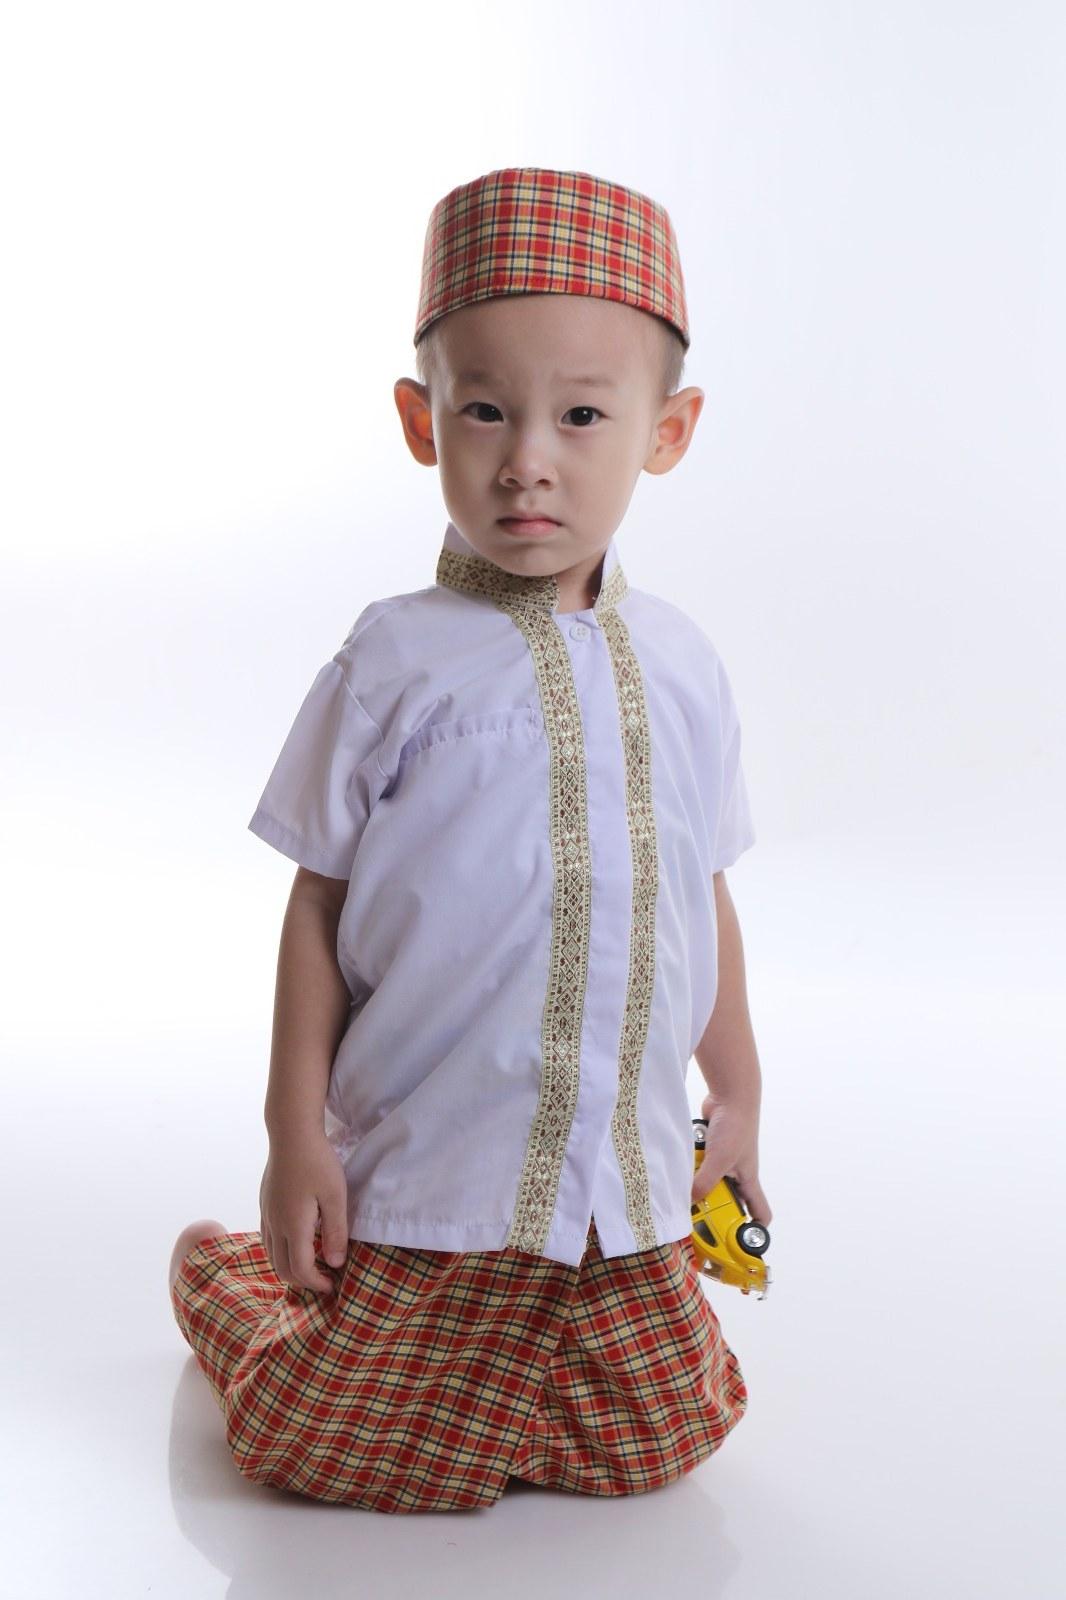 Ide Model Baju Lebaran Laki Laki 2018 Gdd0 Model Baju Muslim Untuk Anak Laki Laki Desain Terbaru